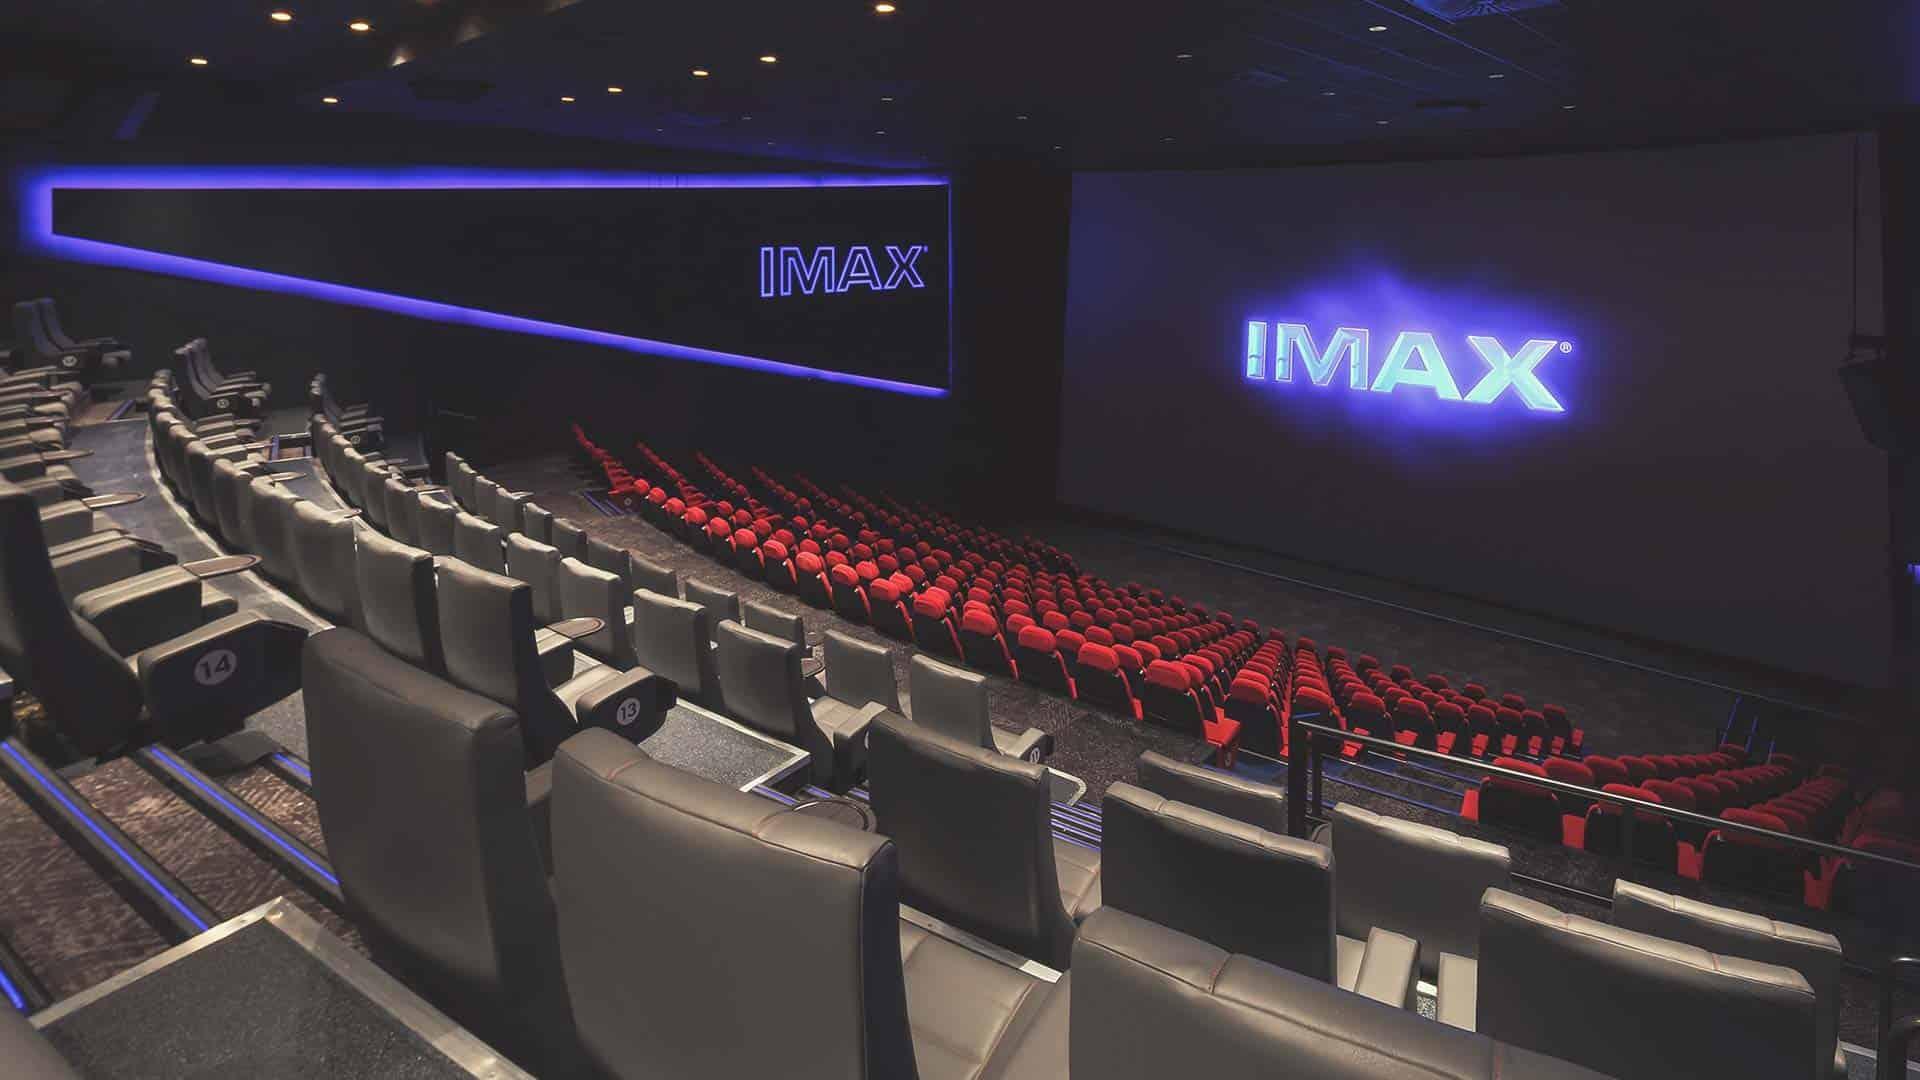 Otvara se prvi Imax bioskop u regionu: Cineplexx Galerija